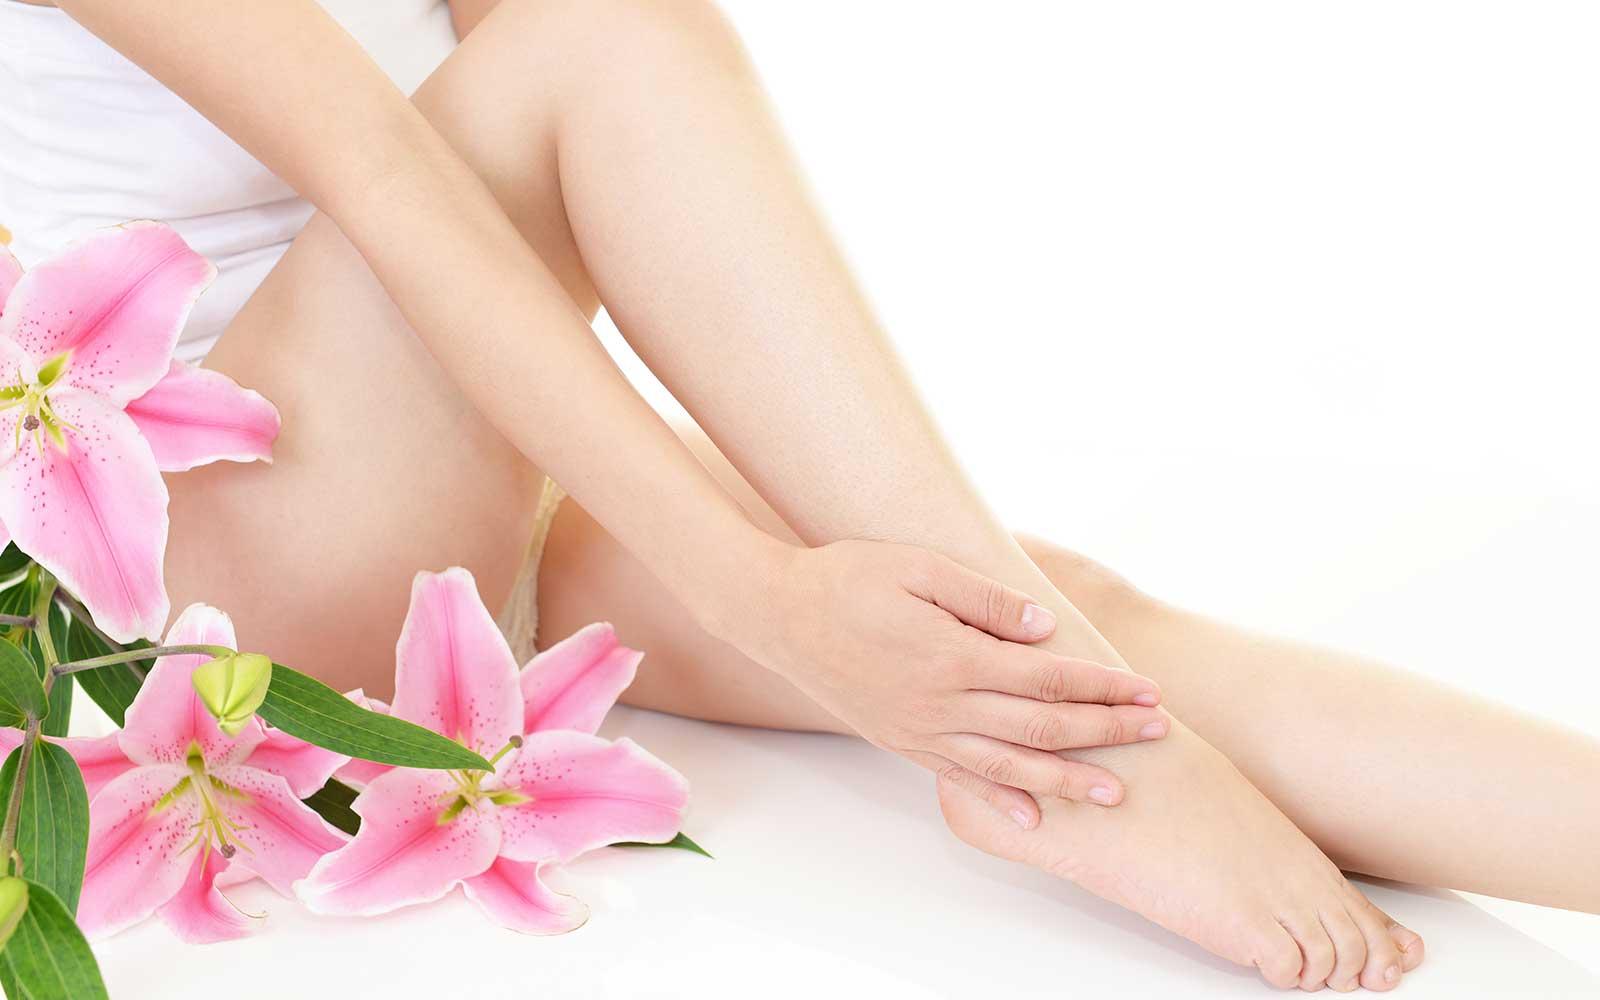 le gambe di una donna e accanto dei fiori rosa